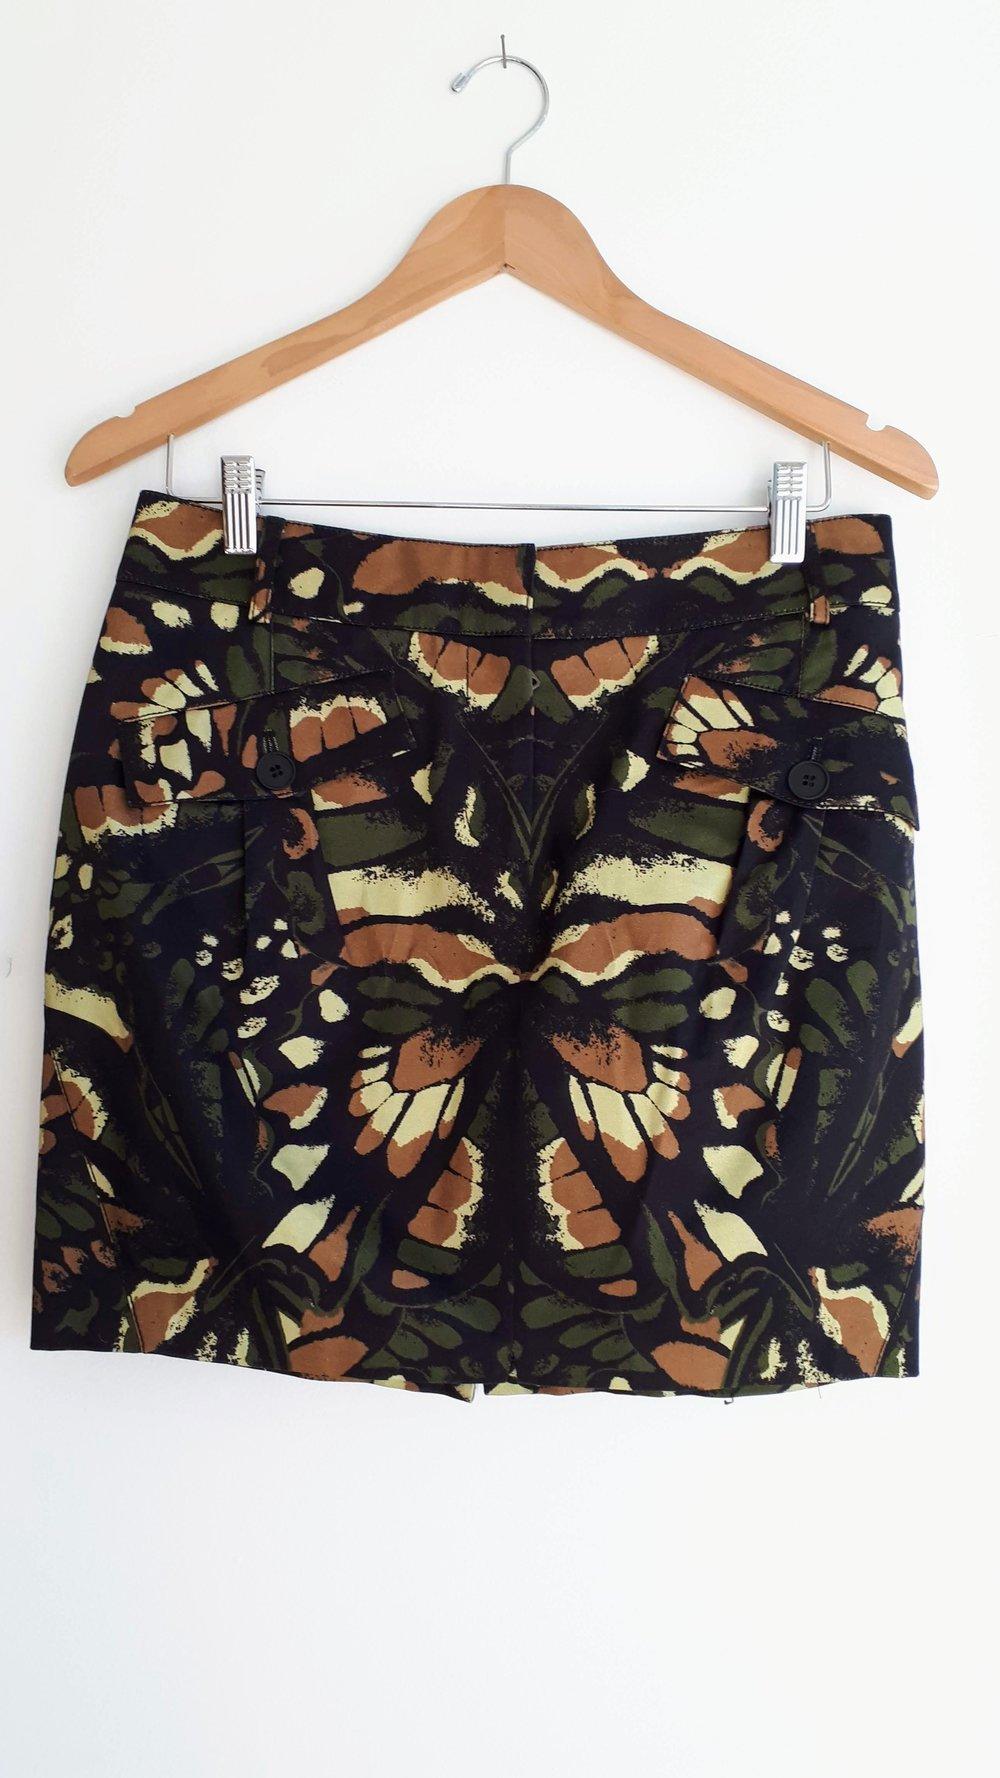 Alexander McQueen skirt; Size M, $110